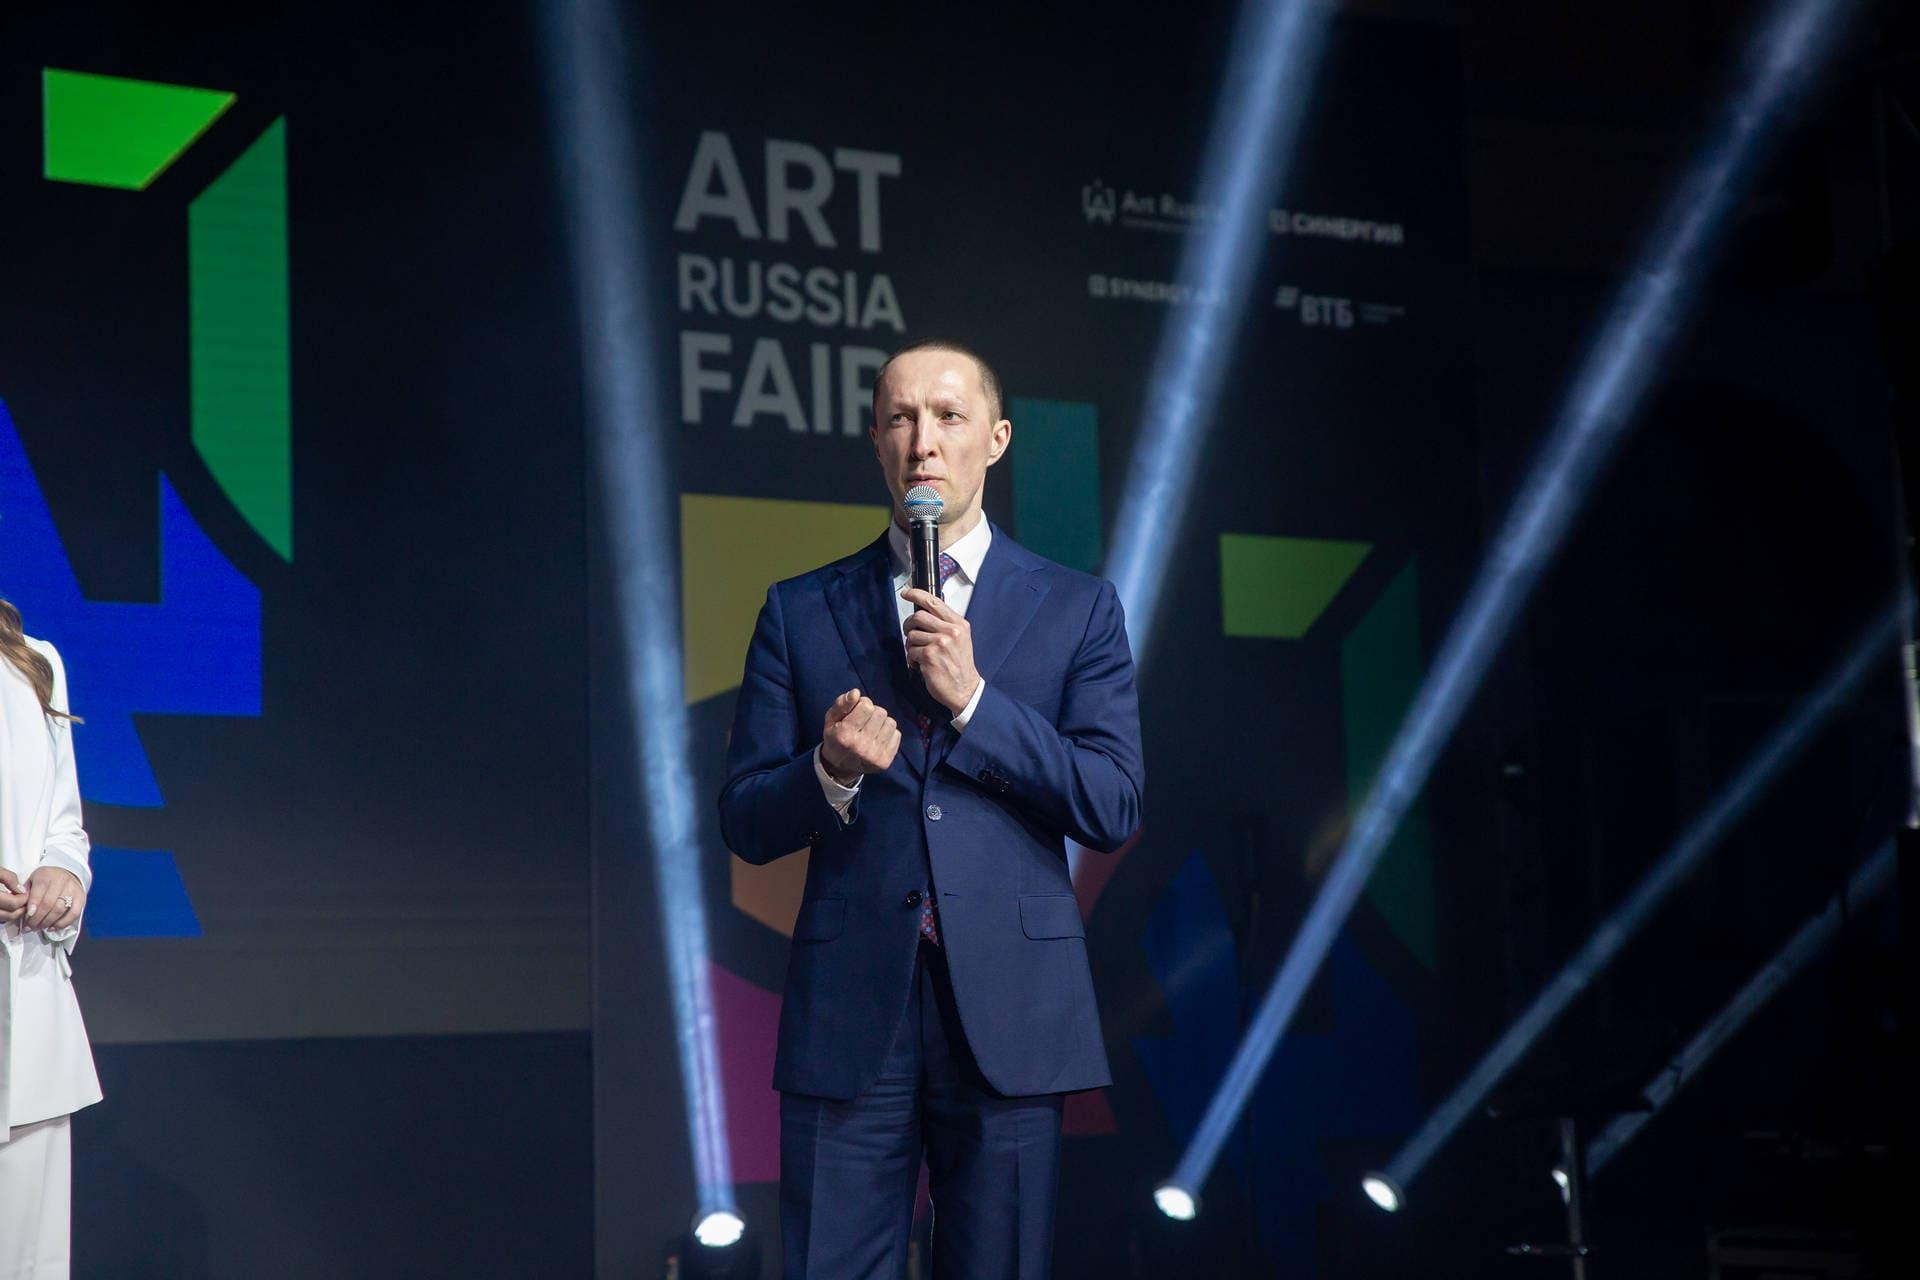 Открытие ярмарки искусства Art Russia Fair 2021